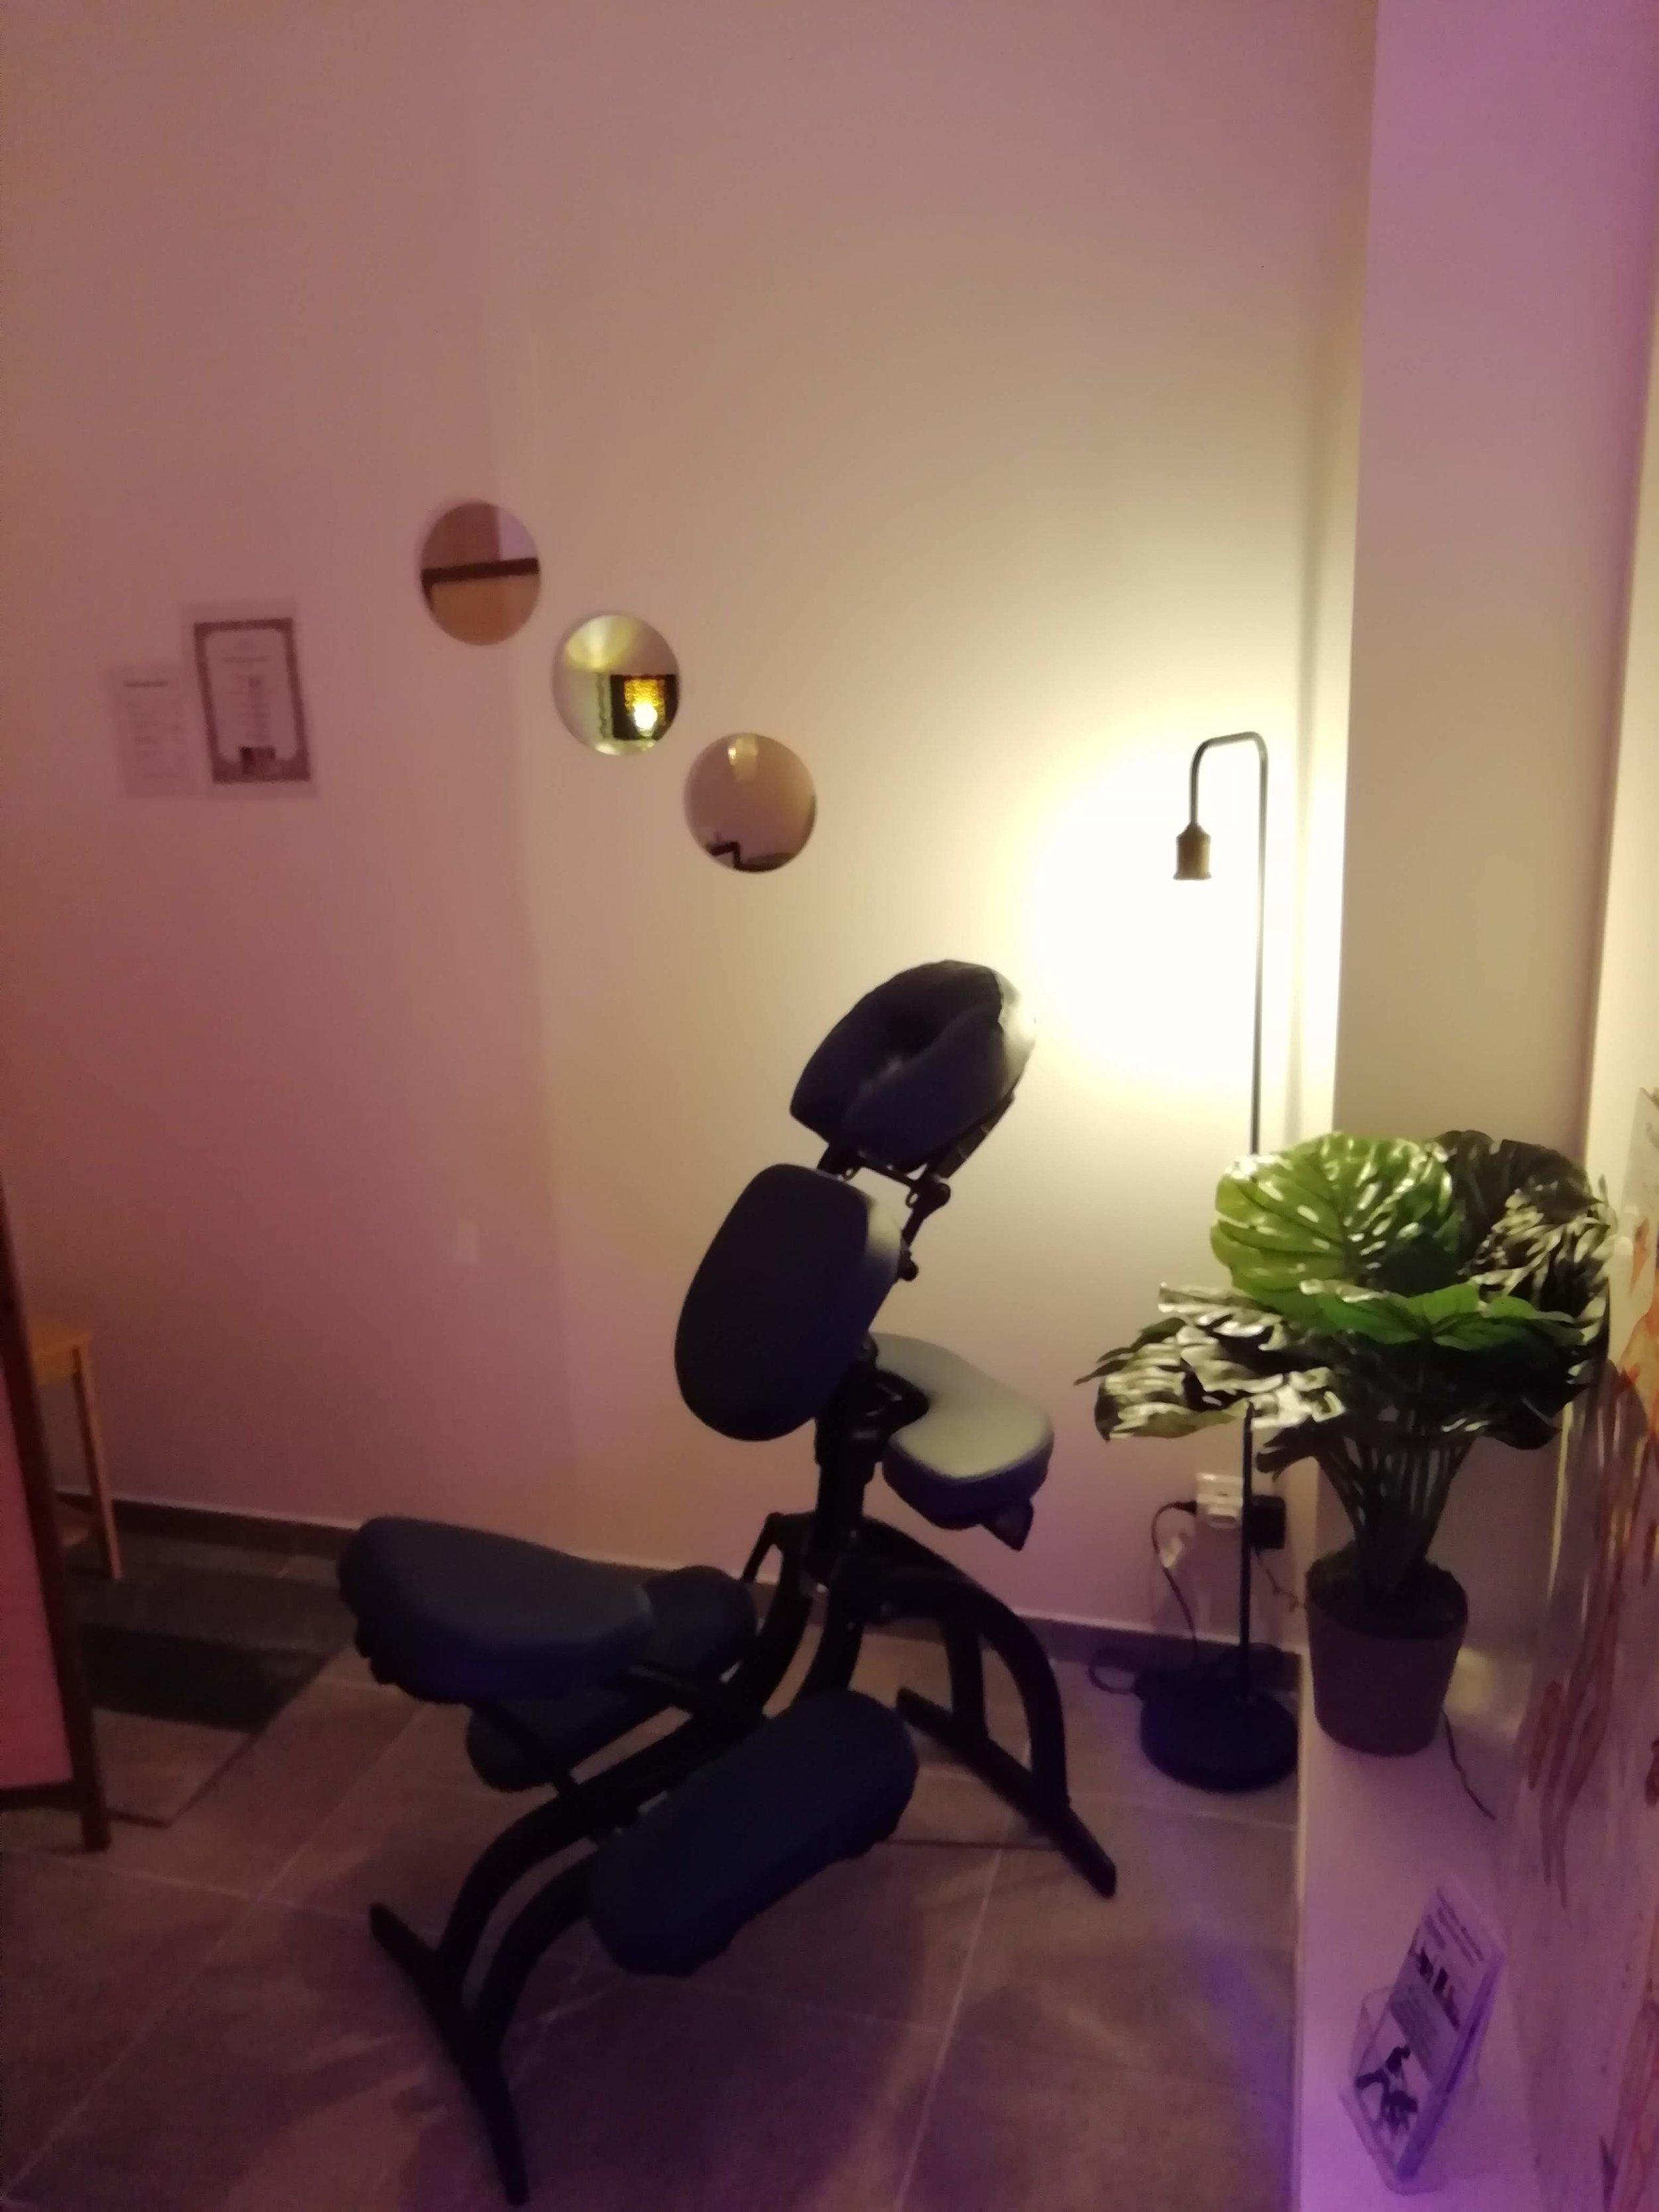 Séances de shiatsu sur table de massage, futon ou chaise ergonomique . vital shiatsu Arles 13 . Pôle Santé Camargue .